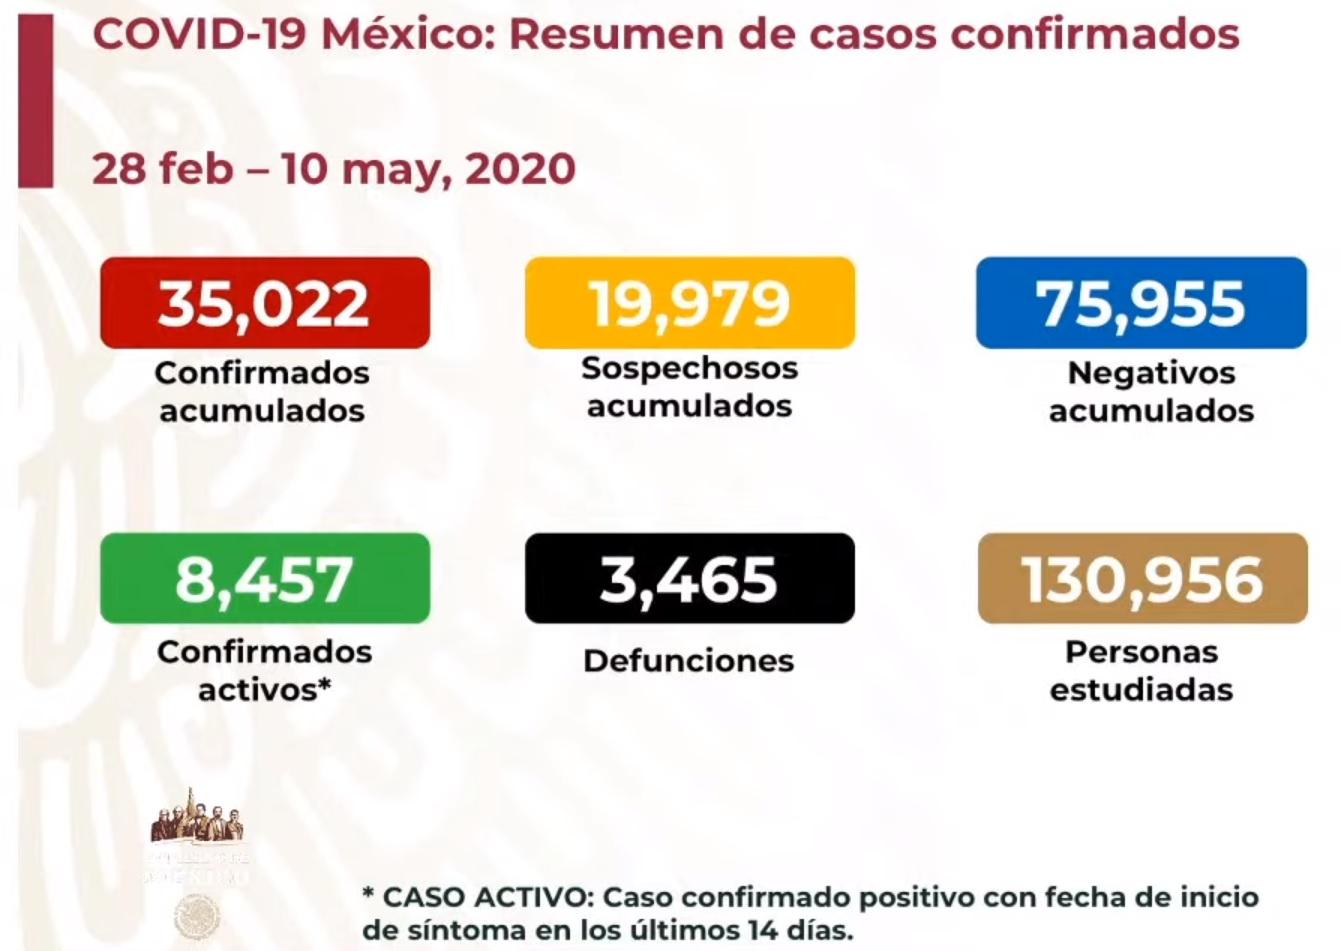 Nuevo récord de casos activos confirmados por covid19: hay 8,457